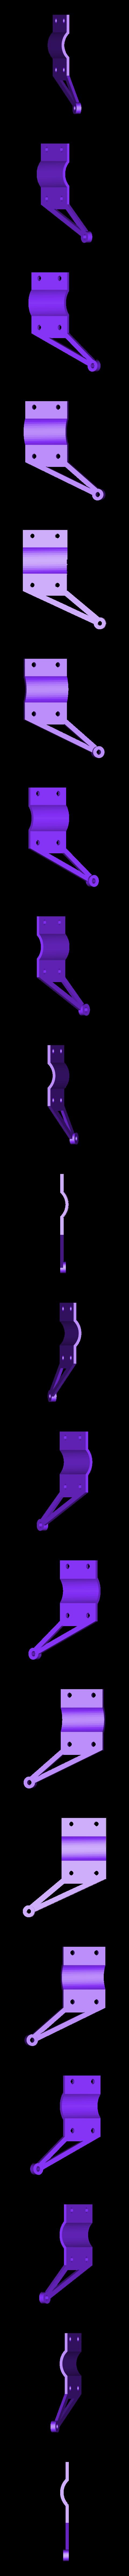 Case_Left_Side.STL Télécharger fichier STL gratuit Réducteur à vis sans fin • Modèle pour imprimante 3D, Ghashnarb